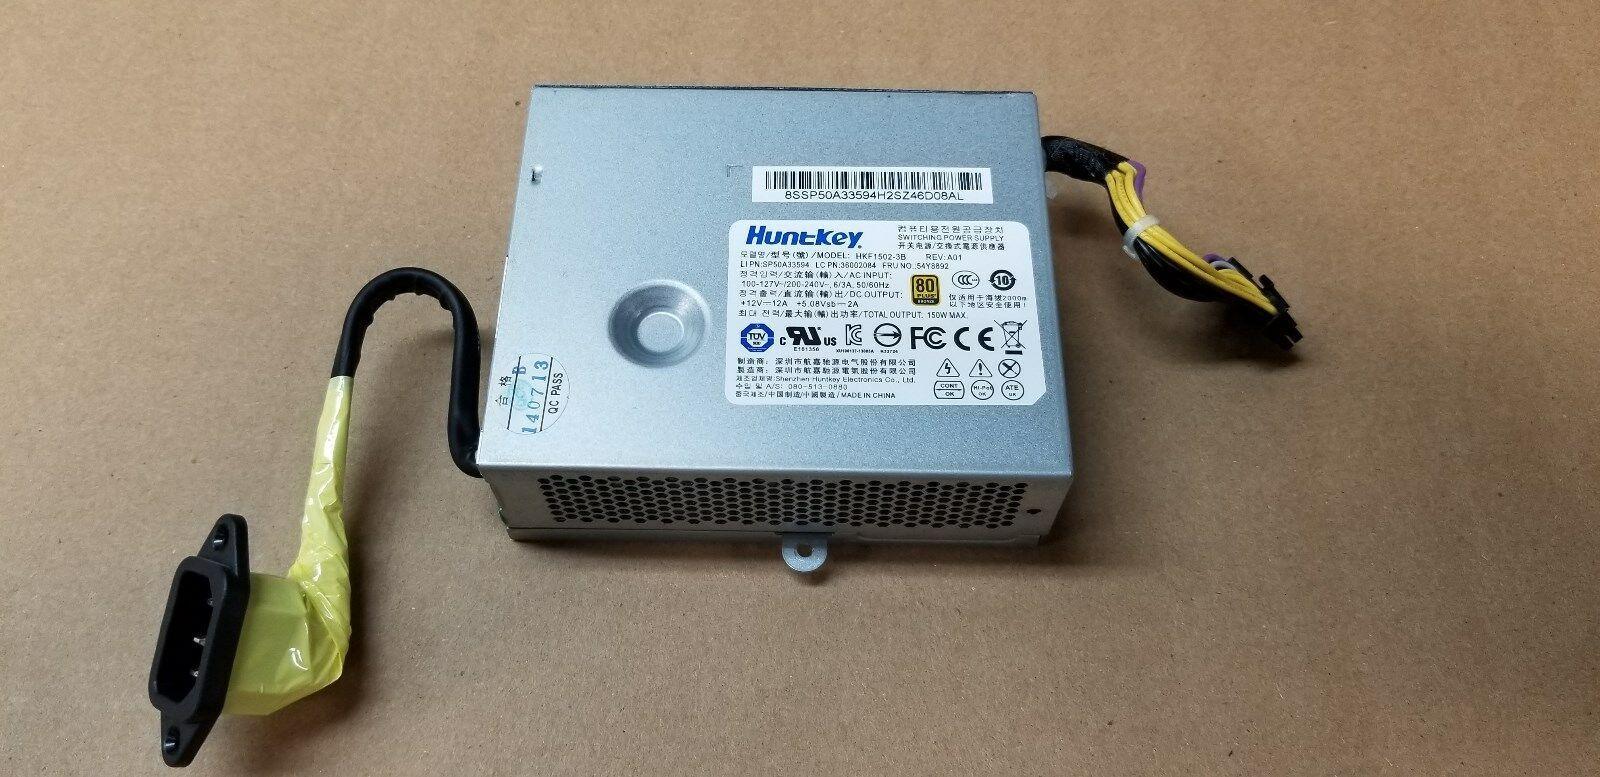 03T9022 FRU 54Y8892 für Original HKF1502-3B HK1502-3B APA005 FSP150-20AI 150W Stromversorgung für S510 S710 S720 S560 M71Z M72Z